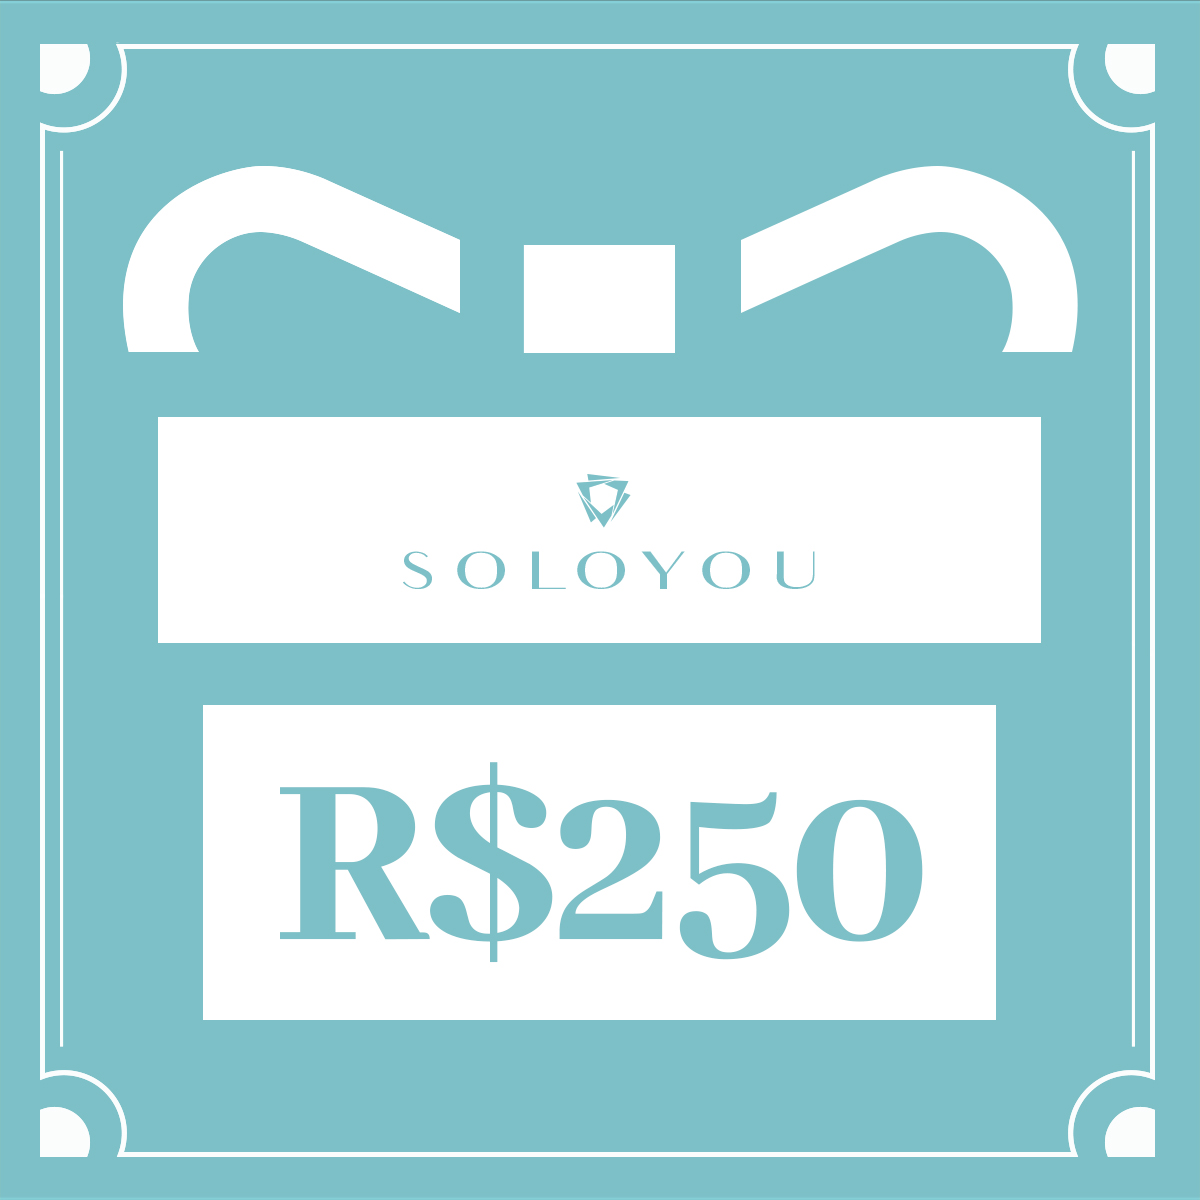 Cartão Presente Surpreenda com Soloyou - R$ 250  - Soloyou